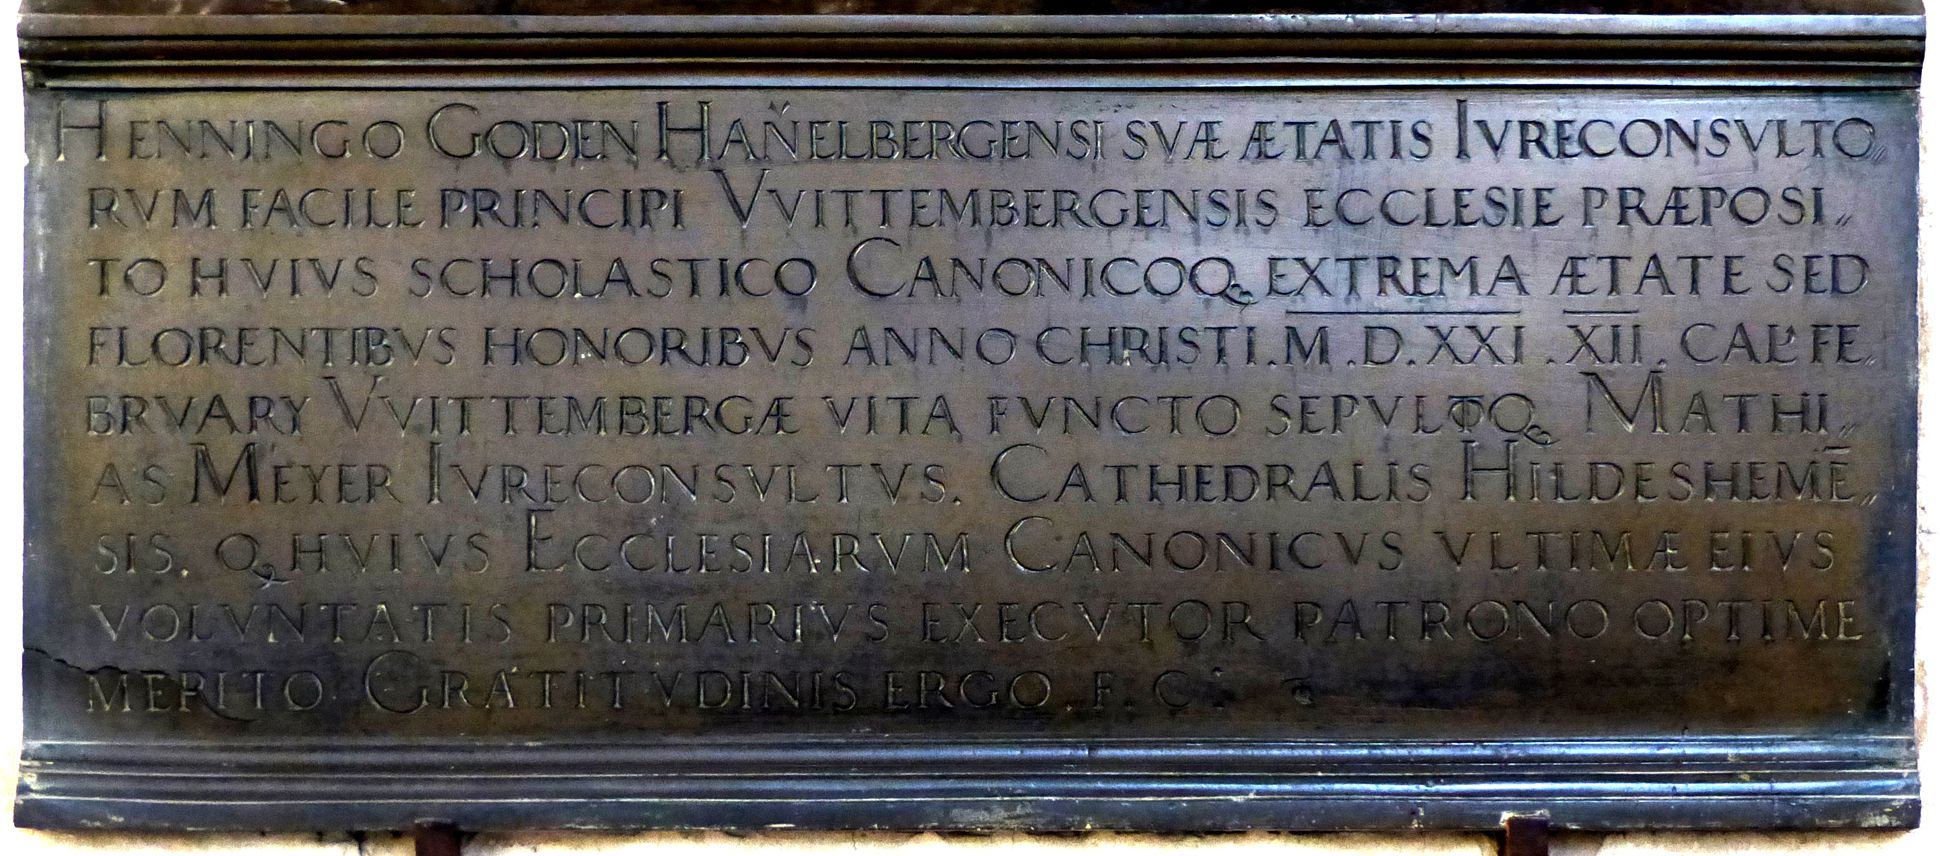 Epitaph des Propstes Henning Göden (gest. 1521) unteres Drittel mit Hauptinschrift